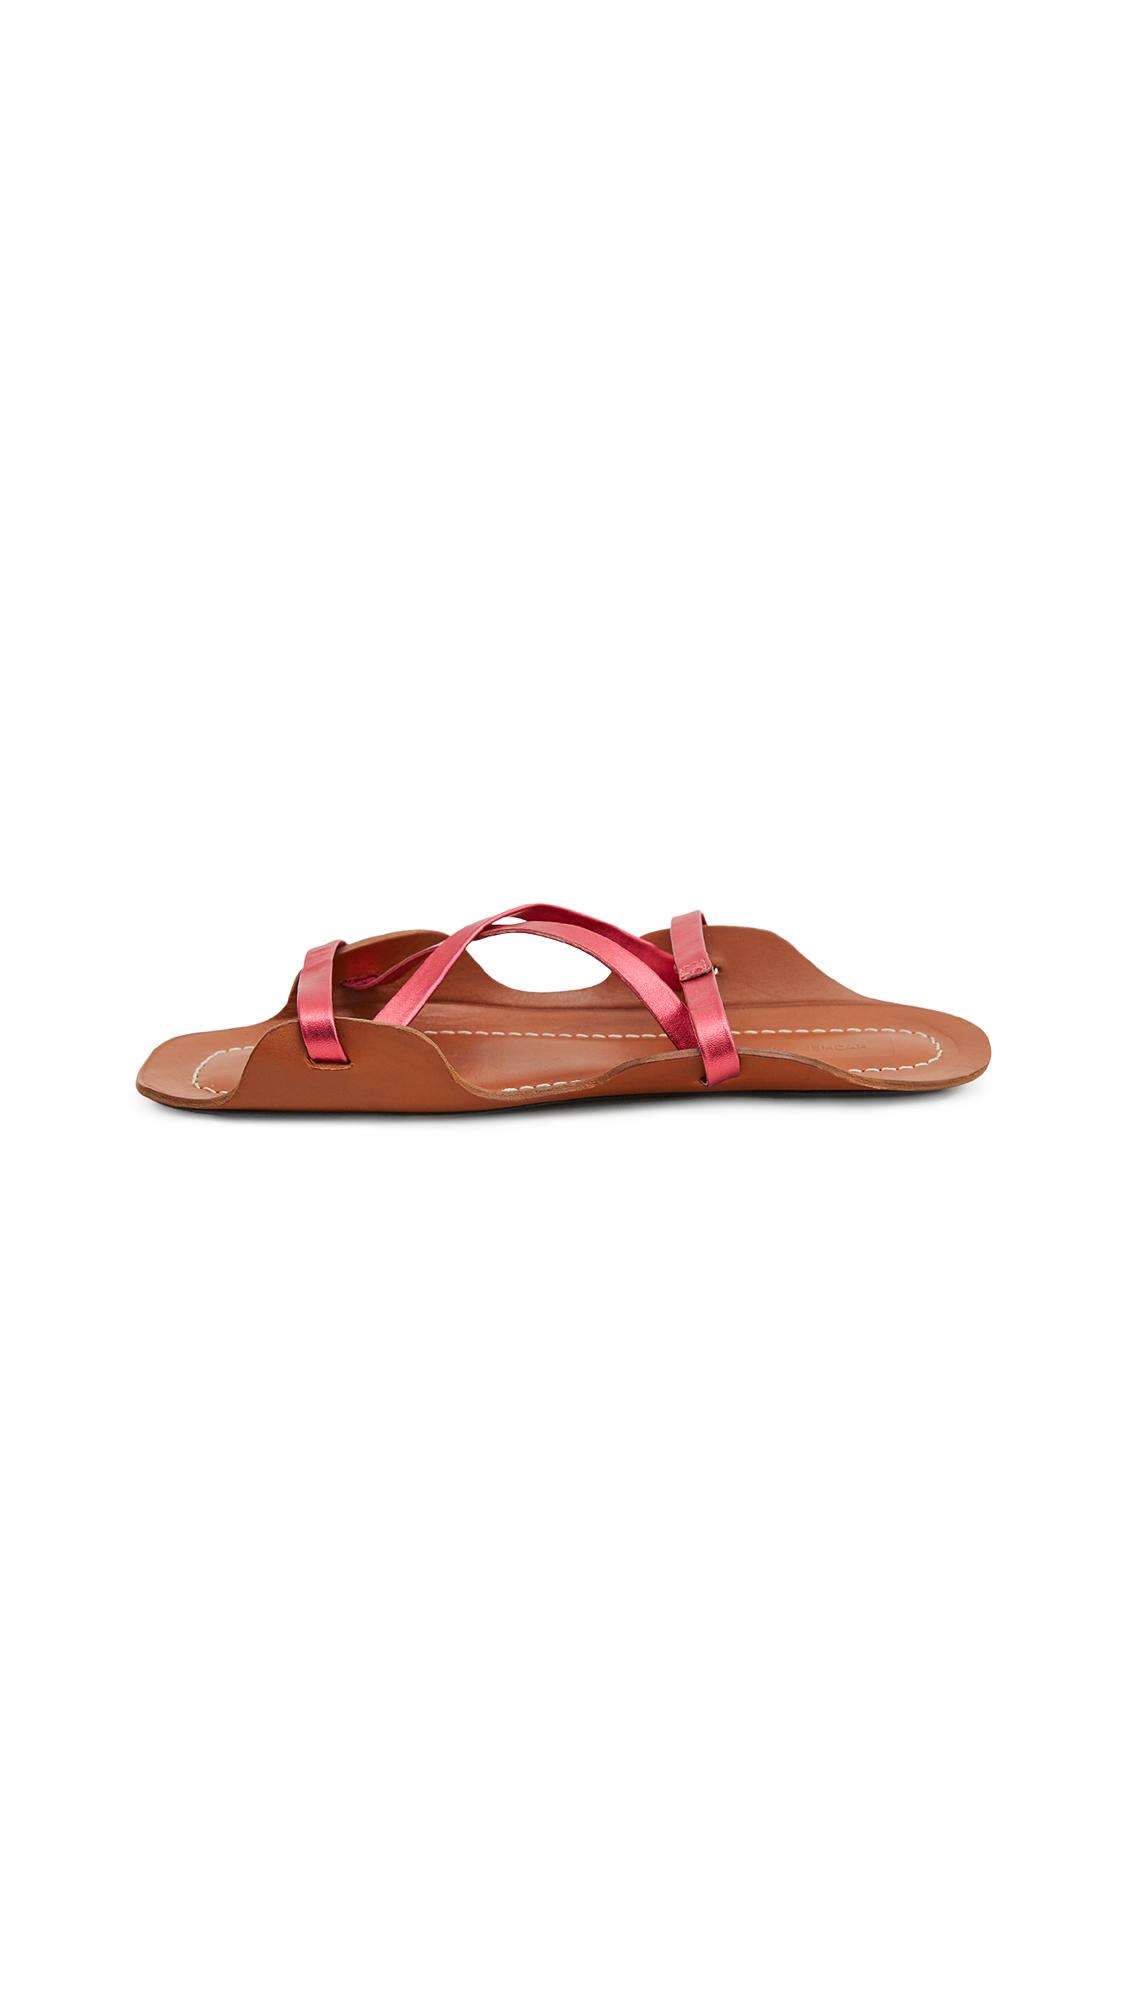 Buy Rachel Comey Pax Sandals online, shop Rachel Comey